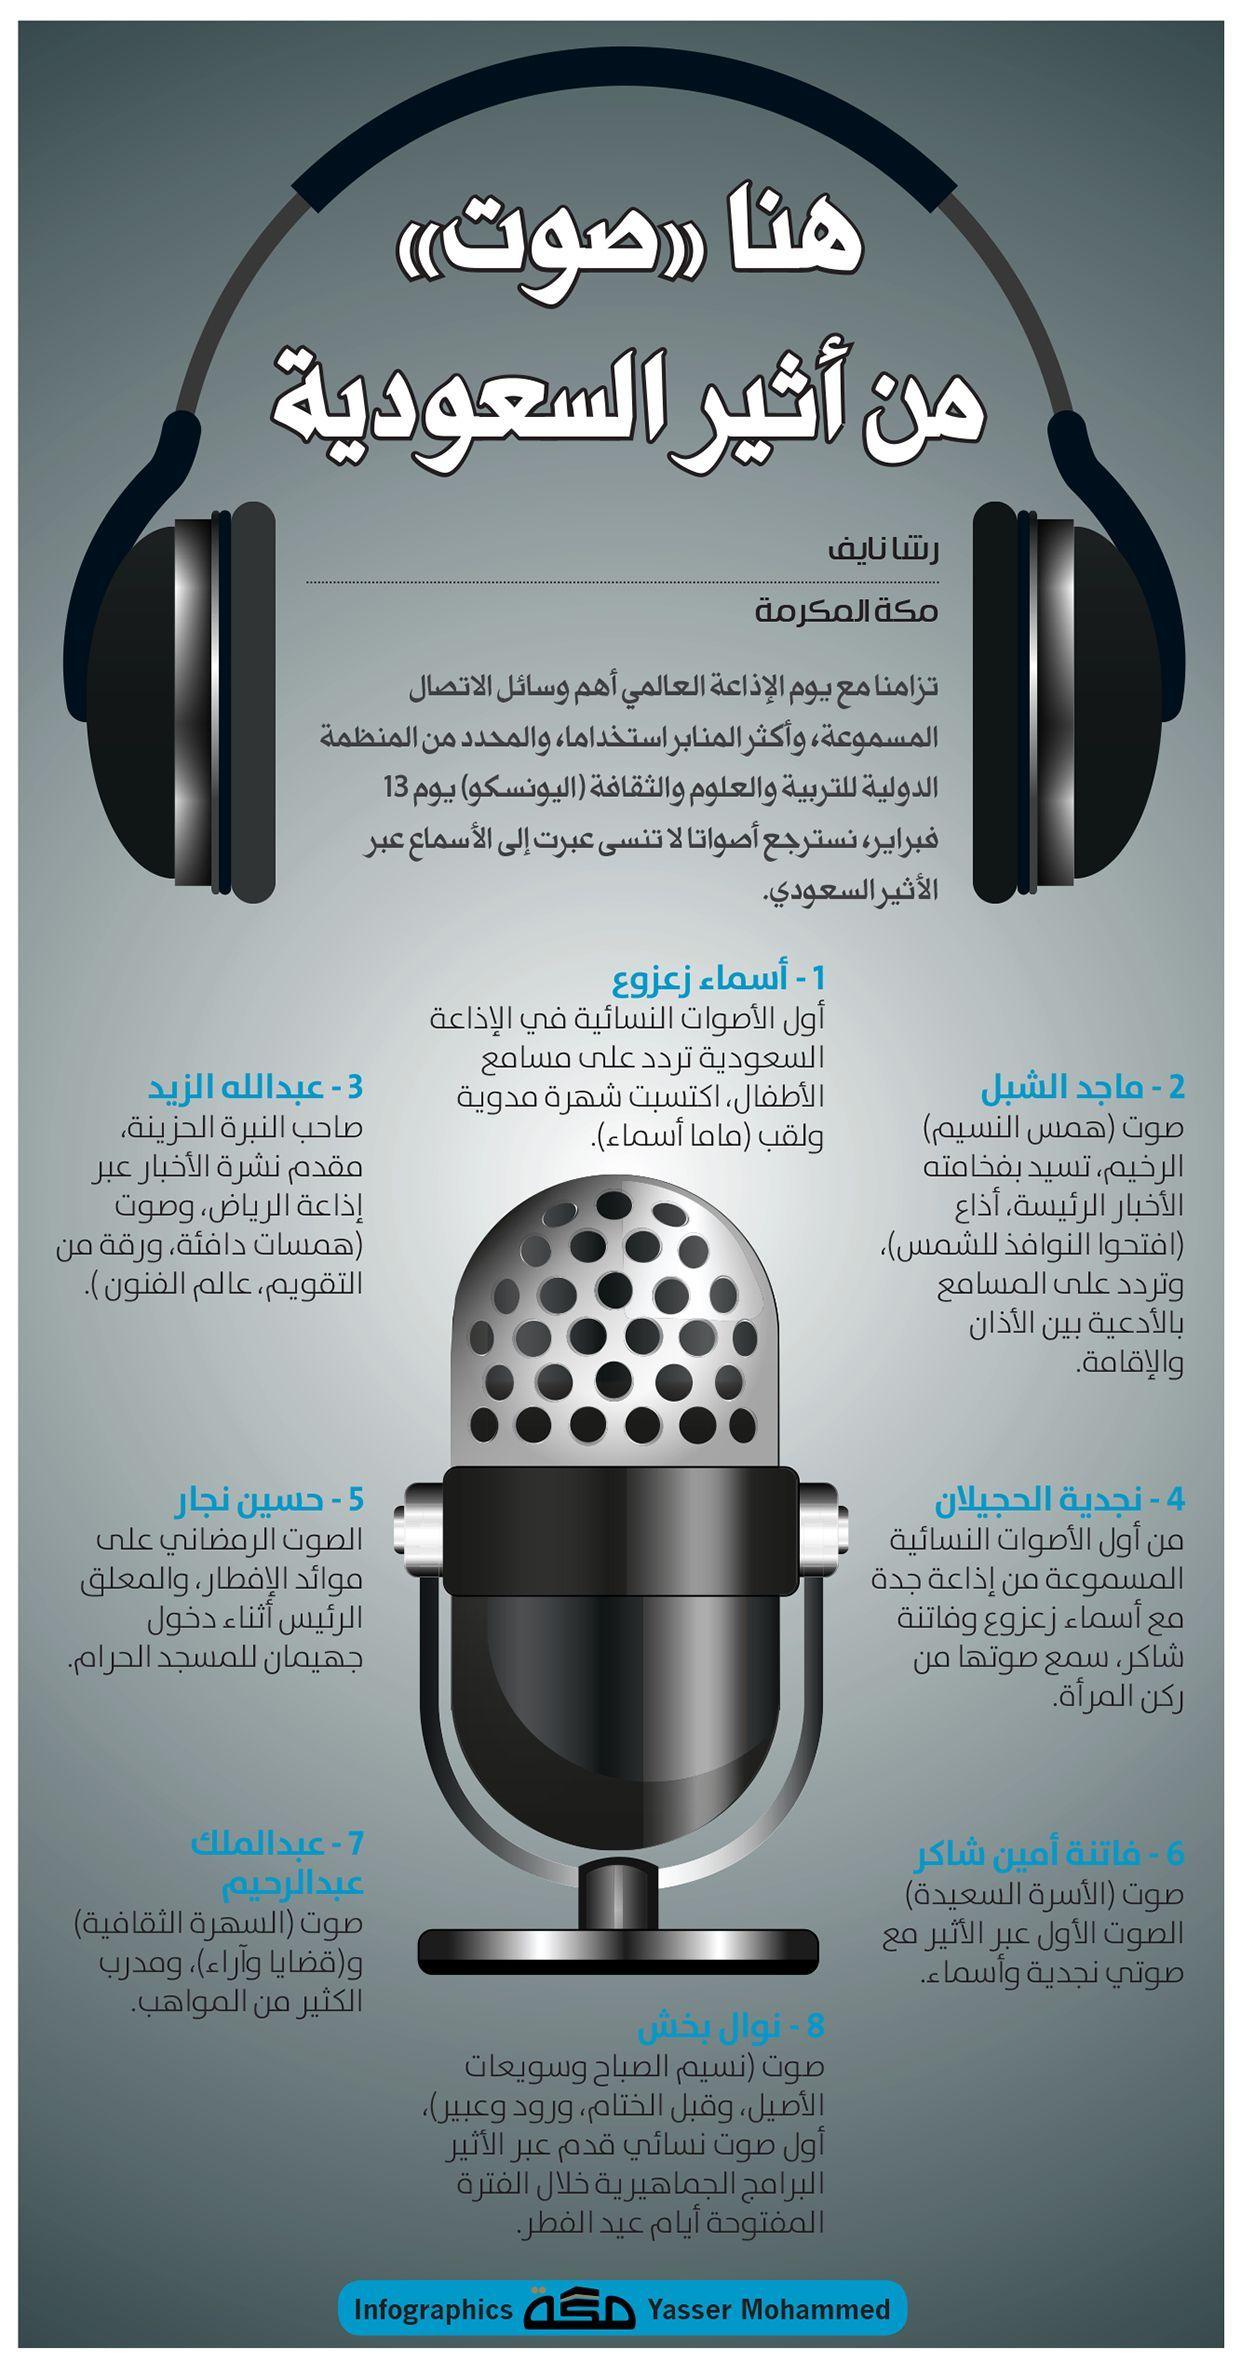 إنفوجرافيك هنا صوت من أثير السعودية صحيفة مكة Makkahnp Infographics In 2021 In Ear Headphones Headphones Over Ear Headphones